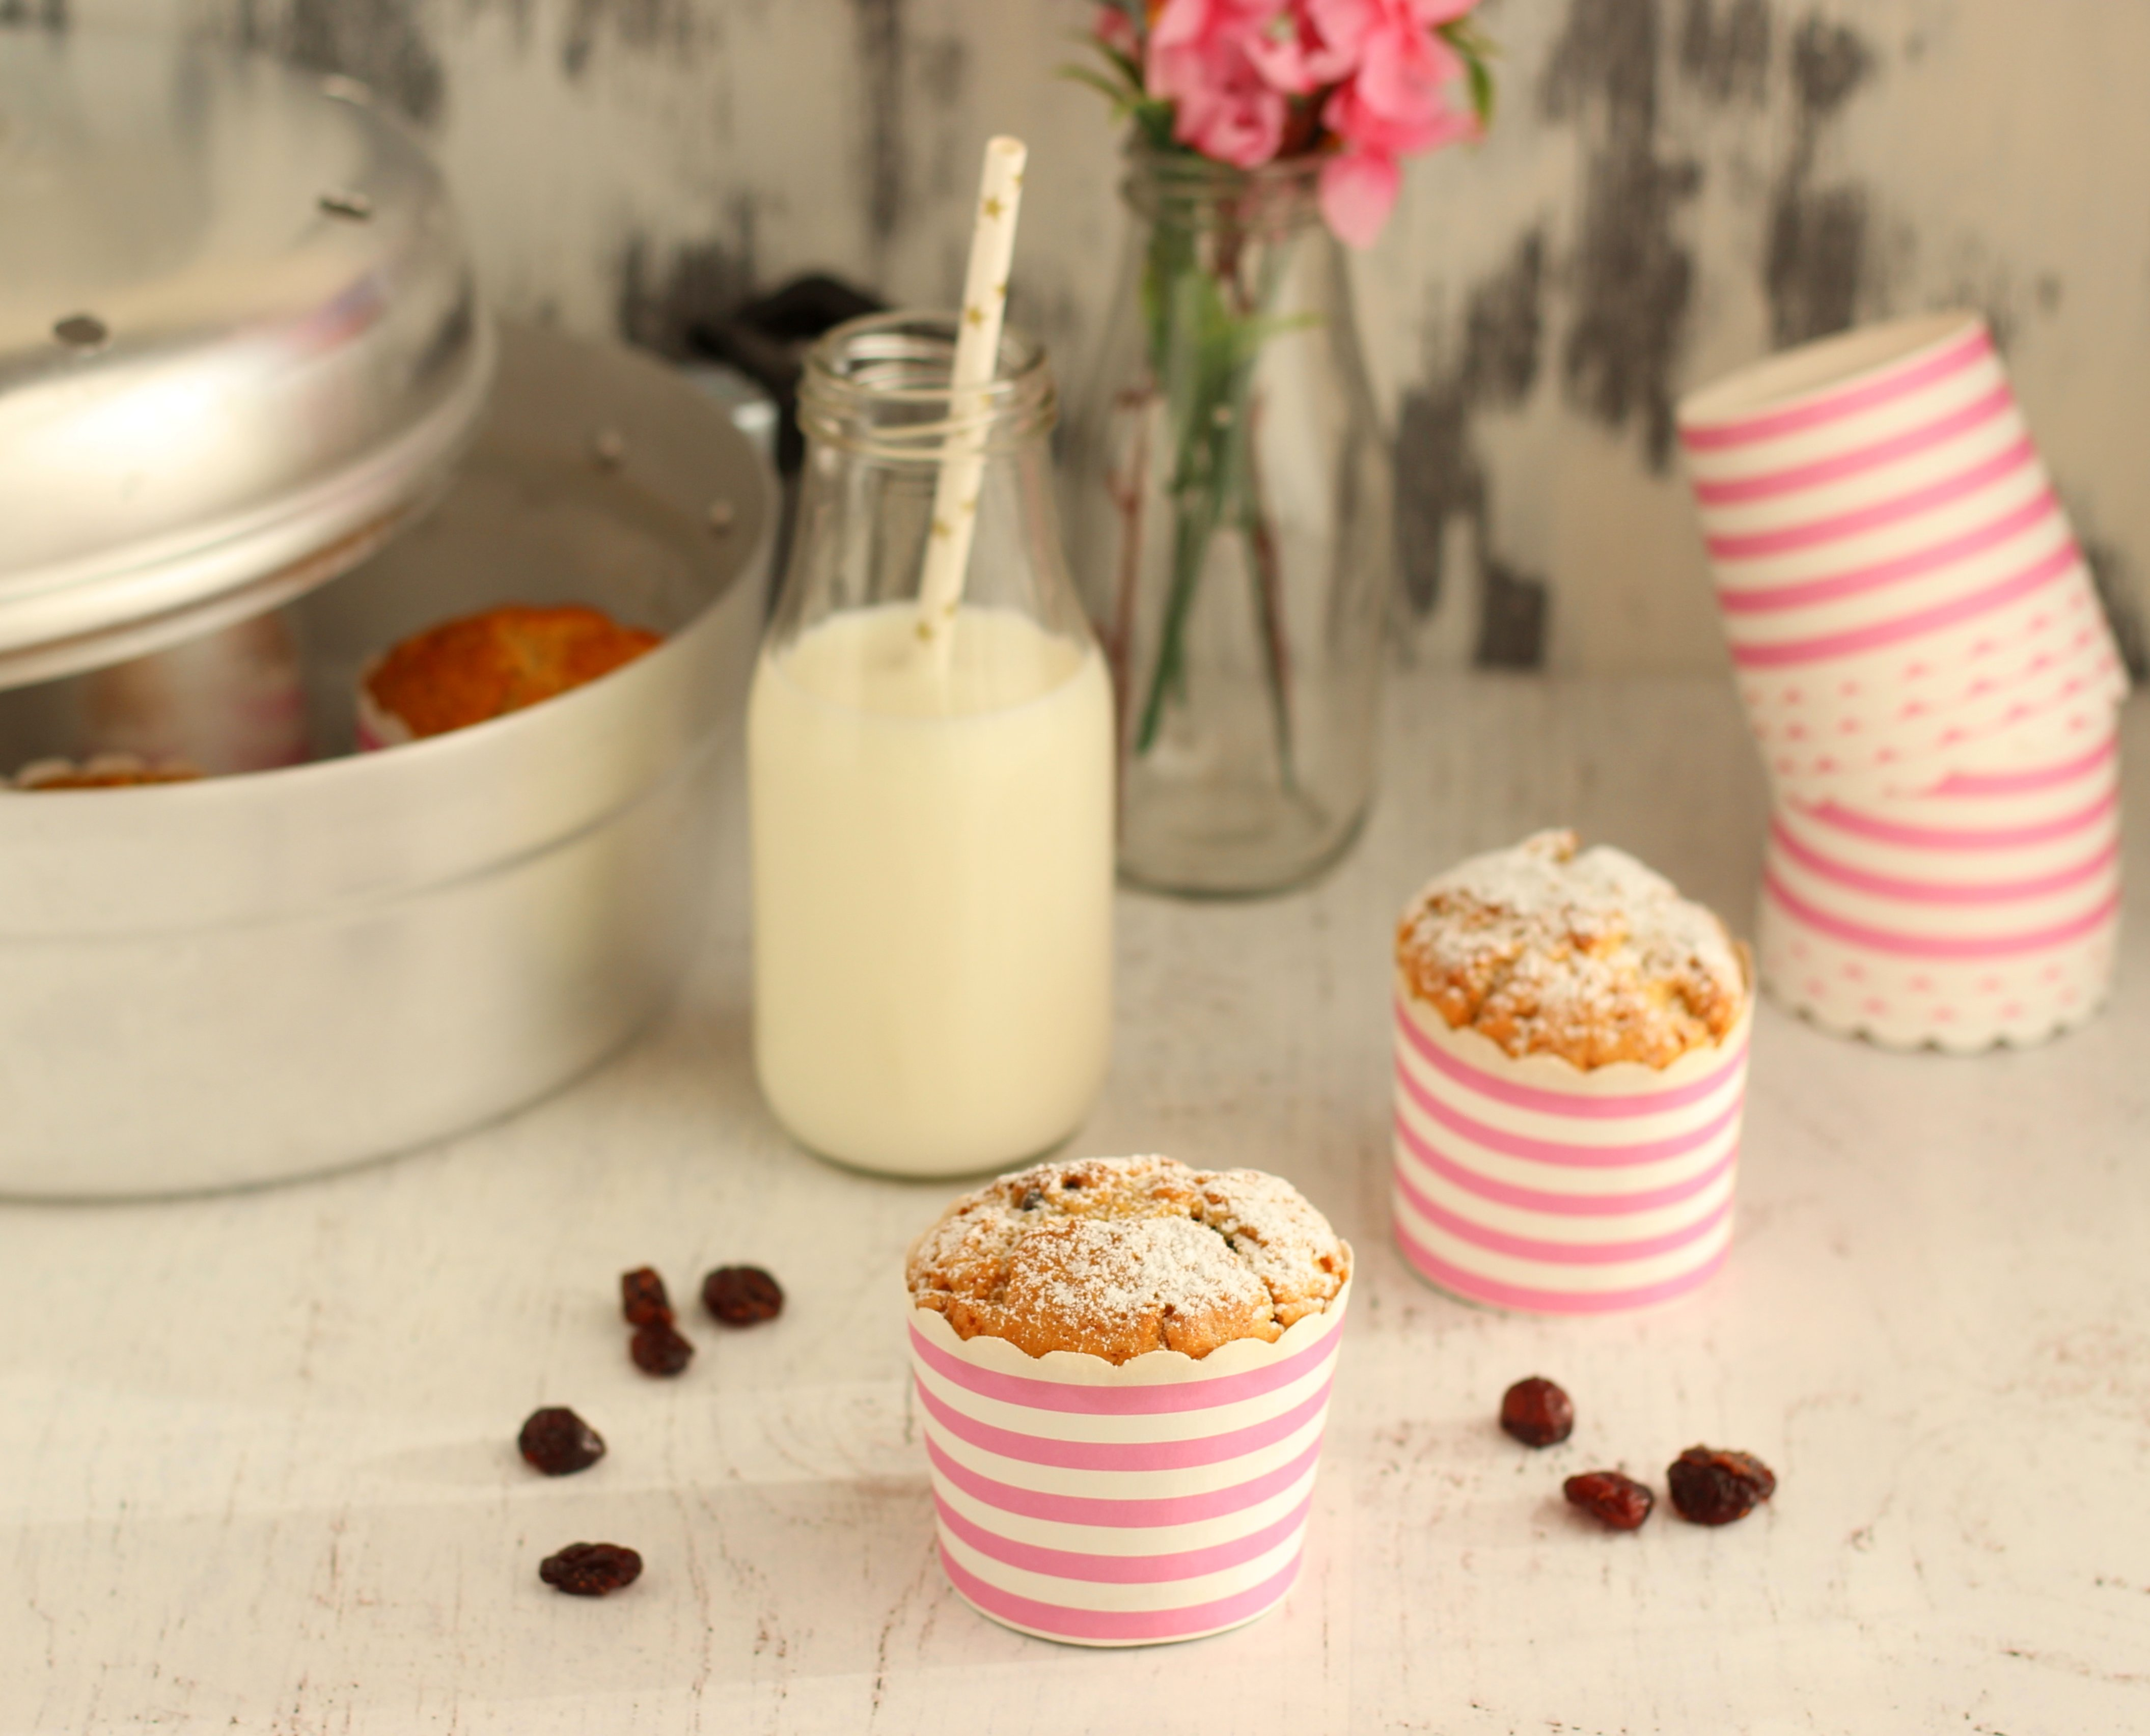 ricetta-muffin-al-miele-e-cranberries